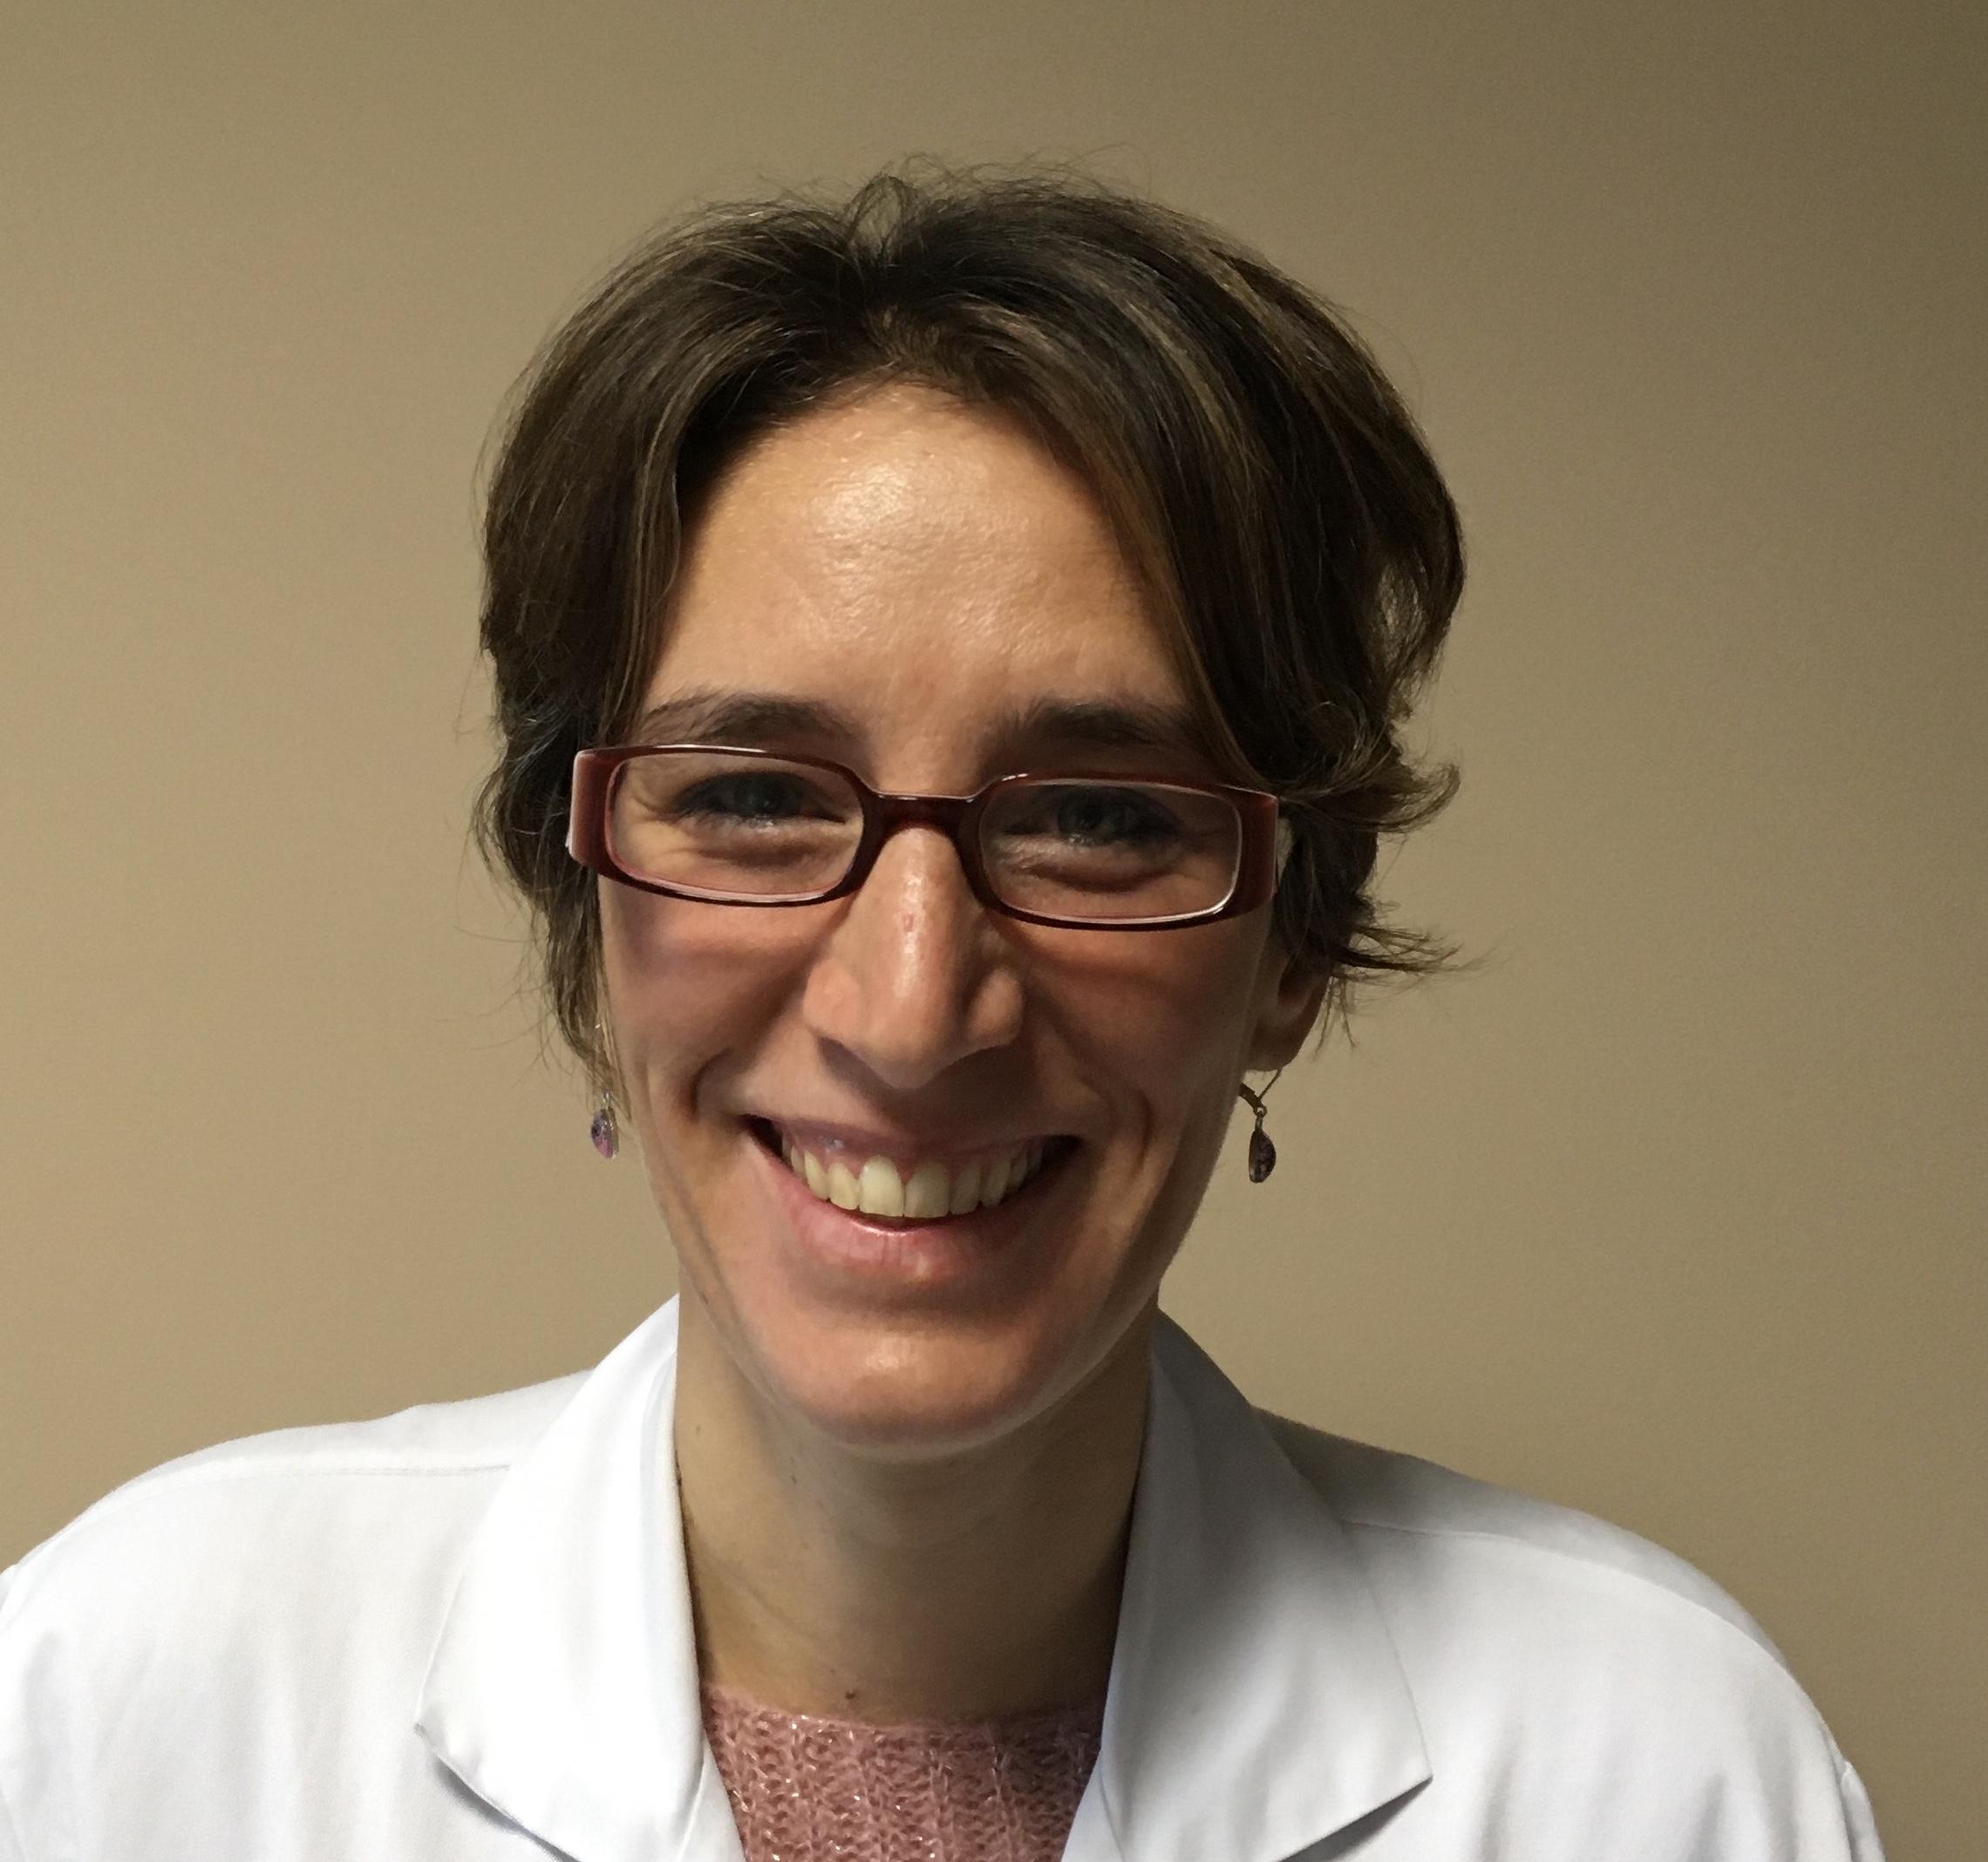 Dr. Cécile Tomowiak